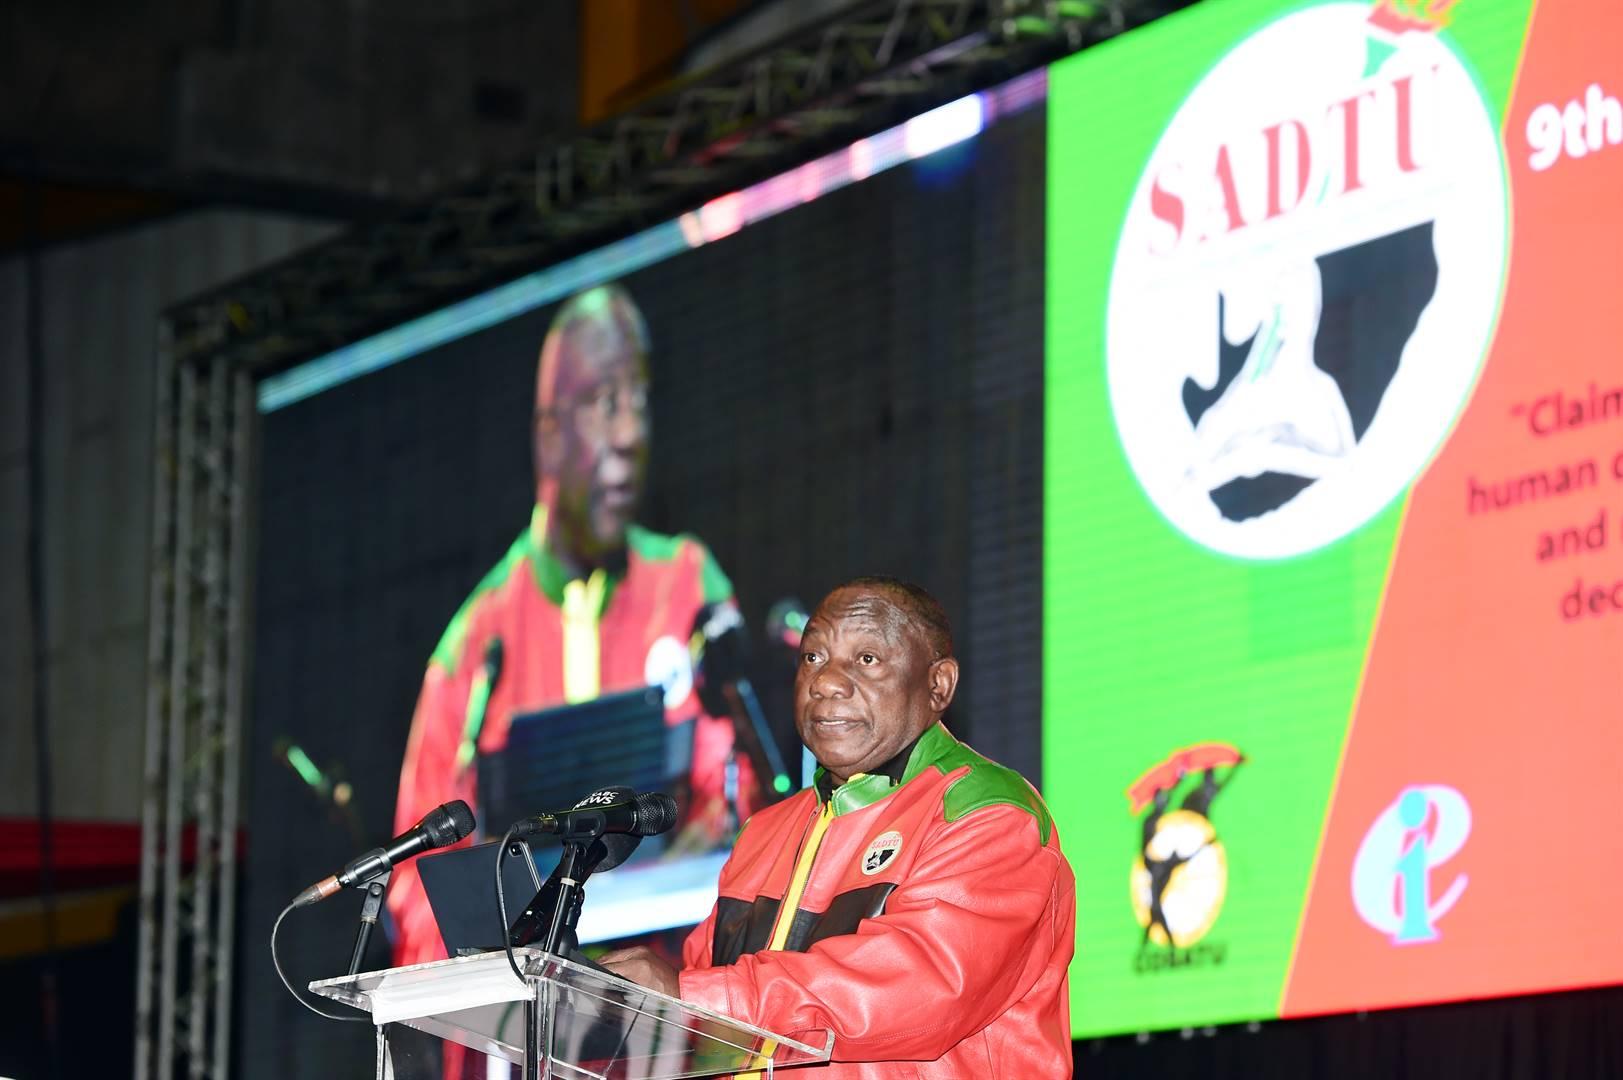 Onderwysers, u is ouers vir kinders, nie liefhebbers nie - Ramaphosa - News24